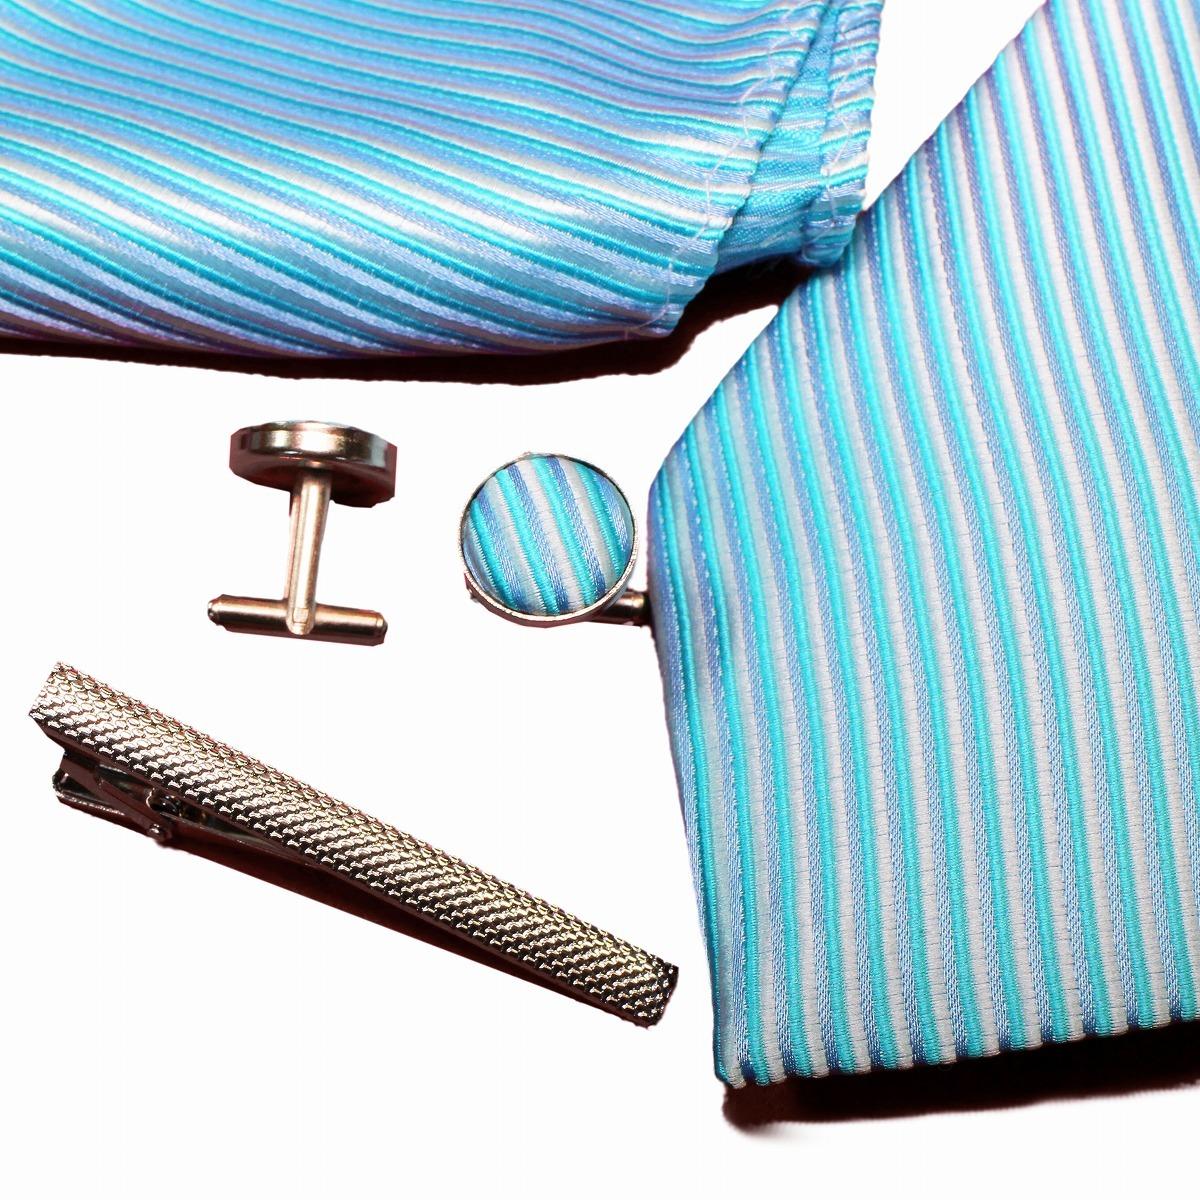 新品 ネクタイ 4点セット ポケットチーフ カフスボタン タイピン 水色系ストライブ 送料込み プレゼントにもおすすめ(11022)_画像5